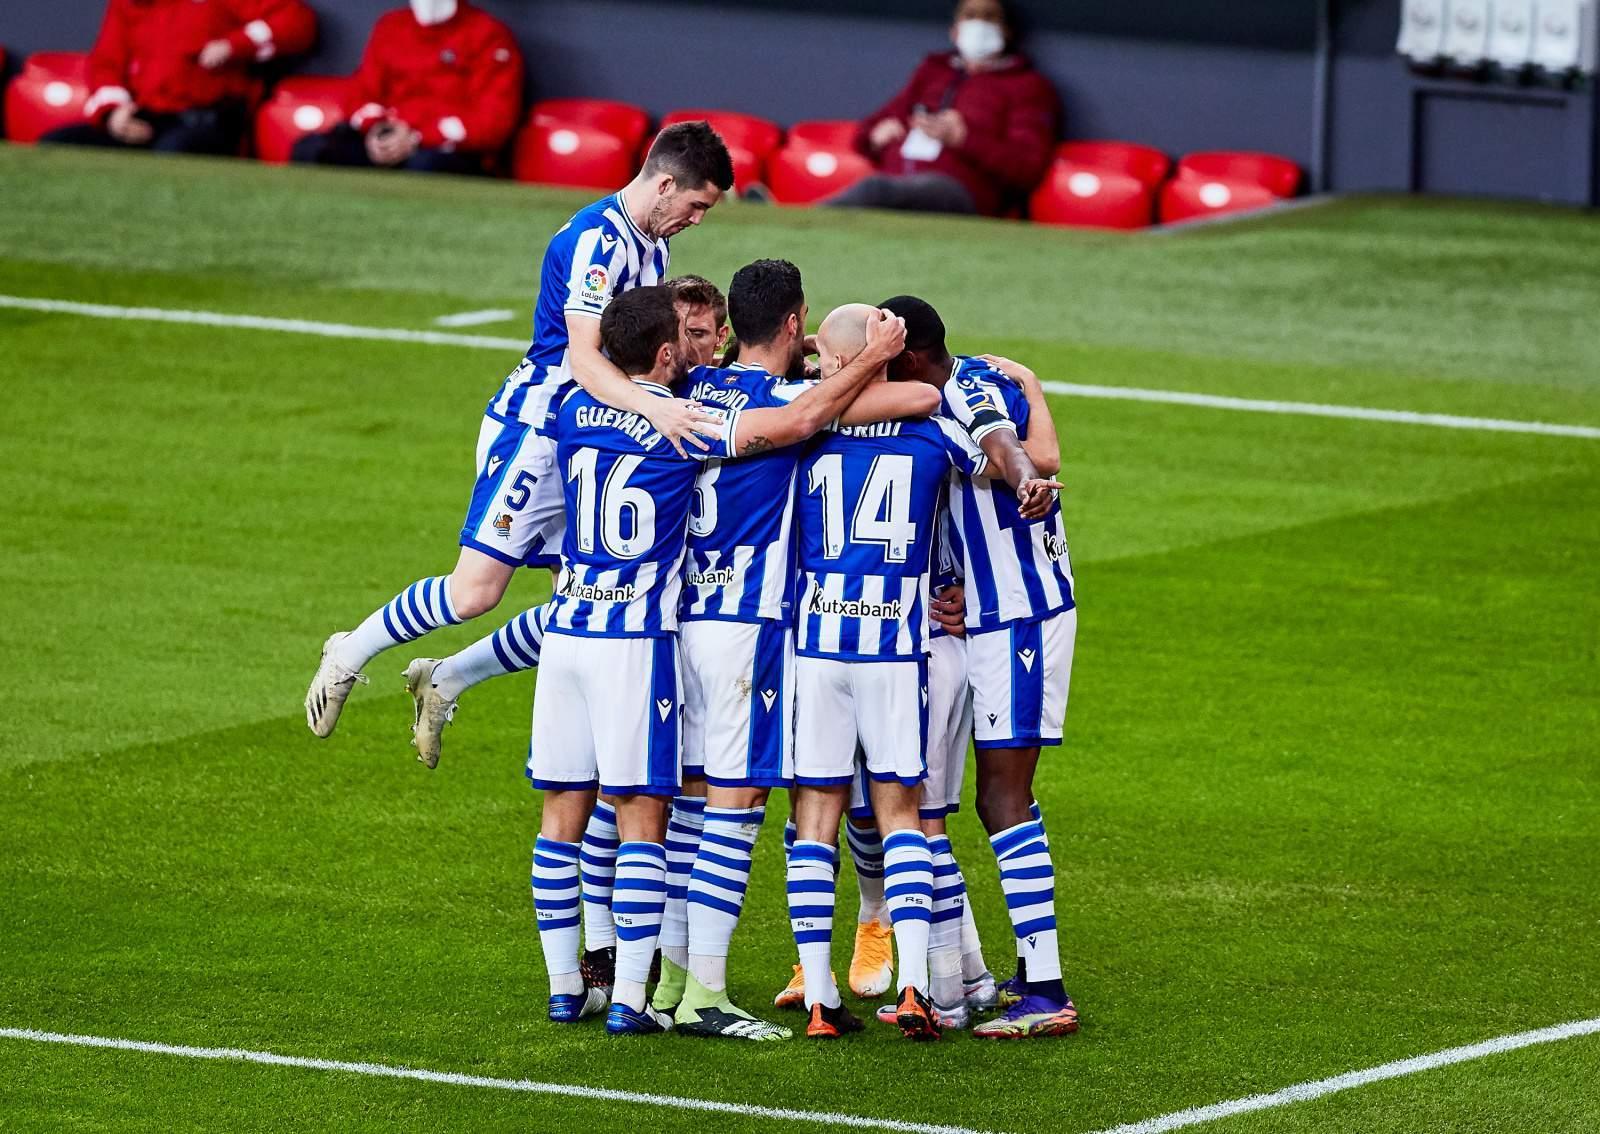 «Реал Сосьедад» дожал «Эльче», играя почти весь матч в большинстве